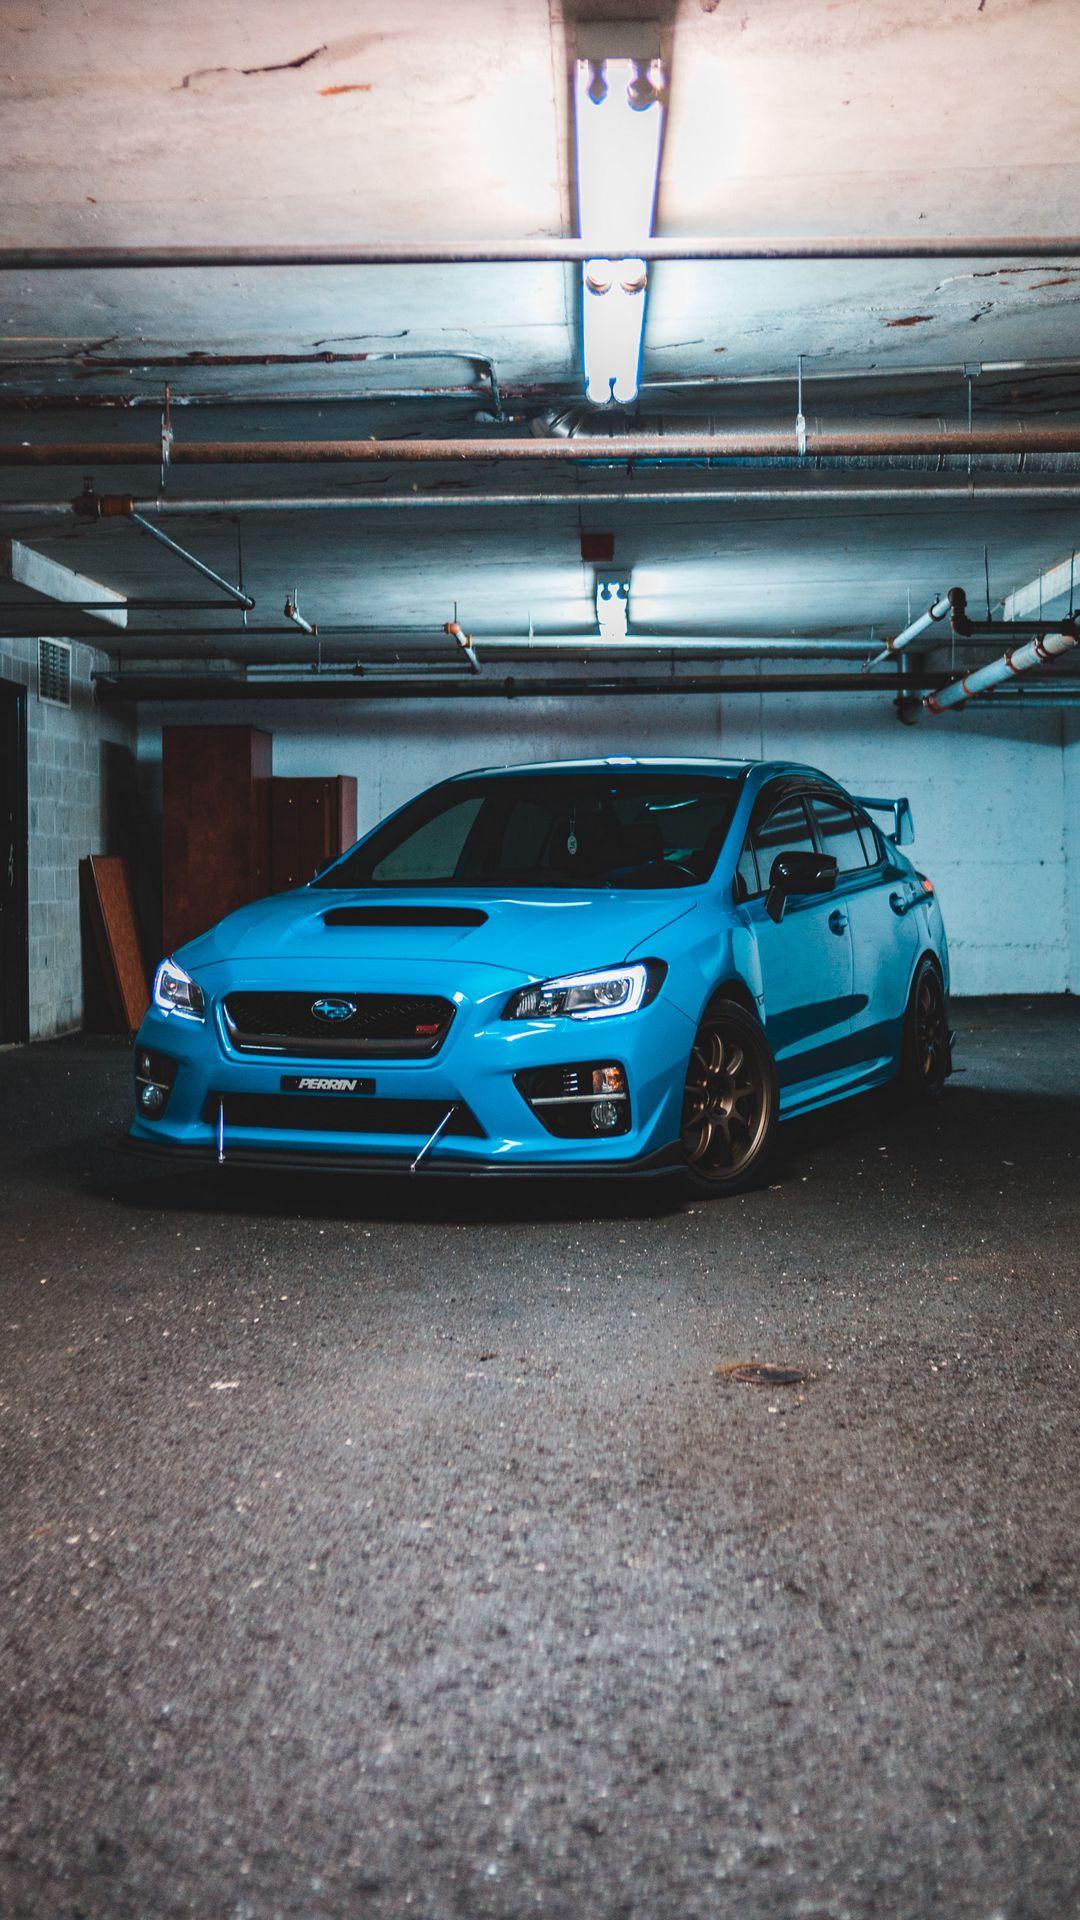 Subaru Wrx Full HD Wallpapers Download